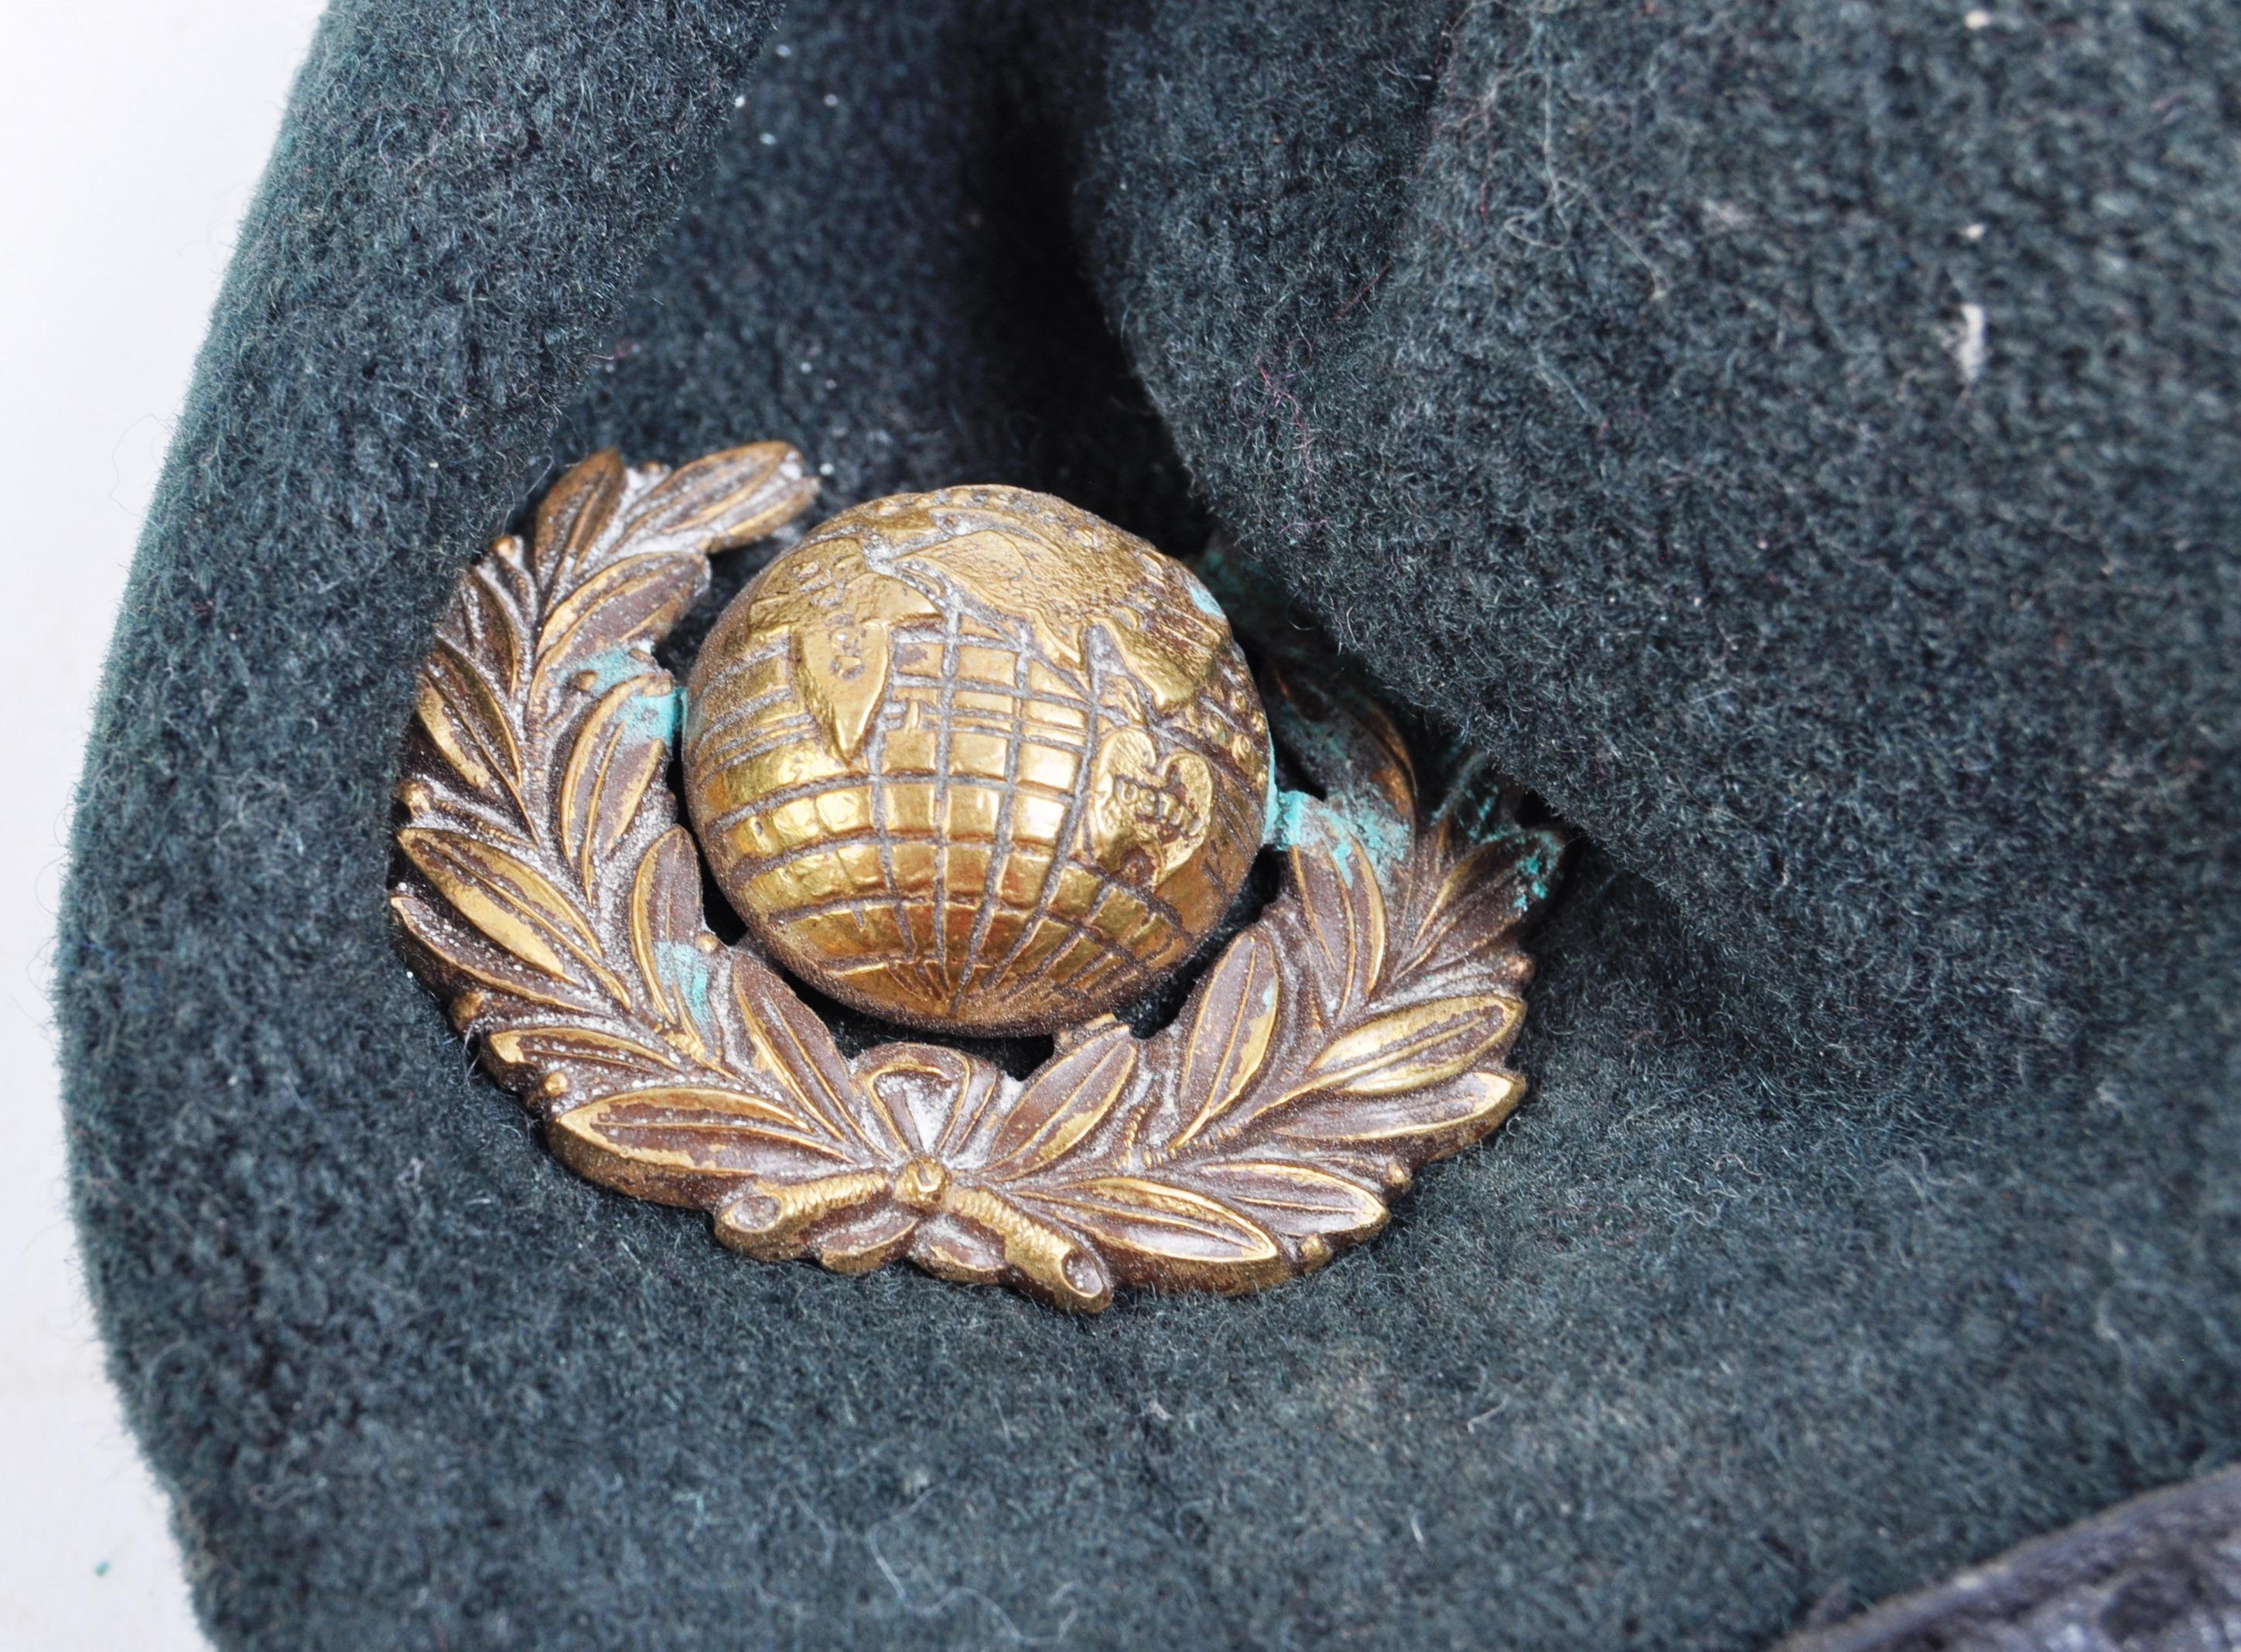 WWII ROYAL MARINE COMMANDO UNIFORM BERET & BADGE - Image 2 of 4